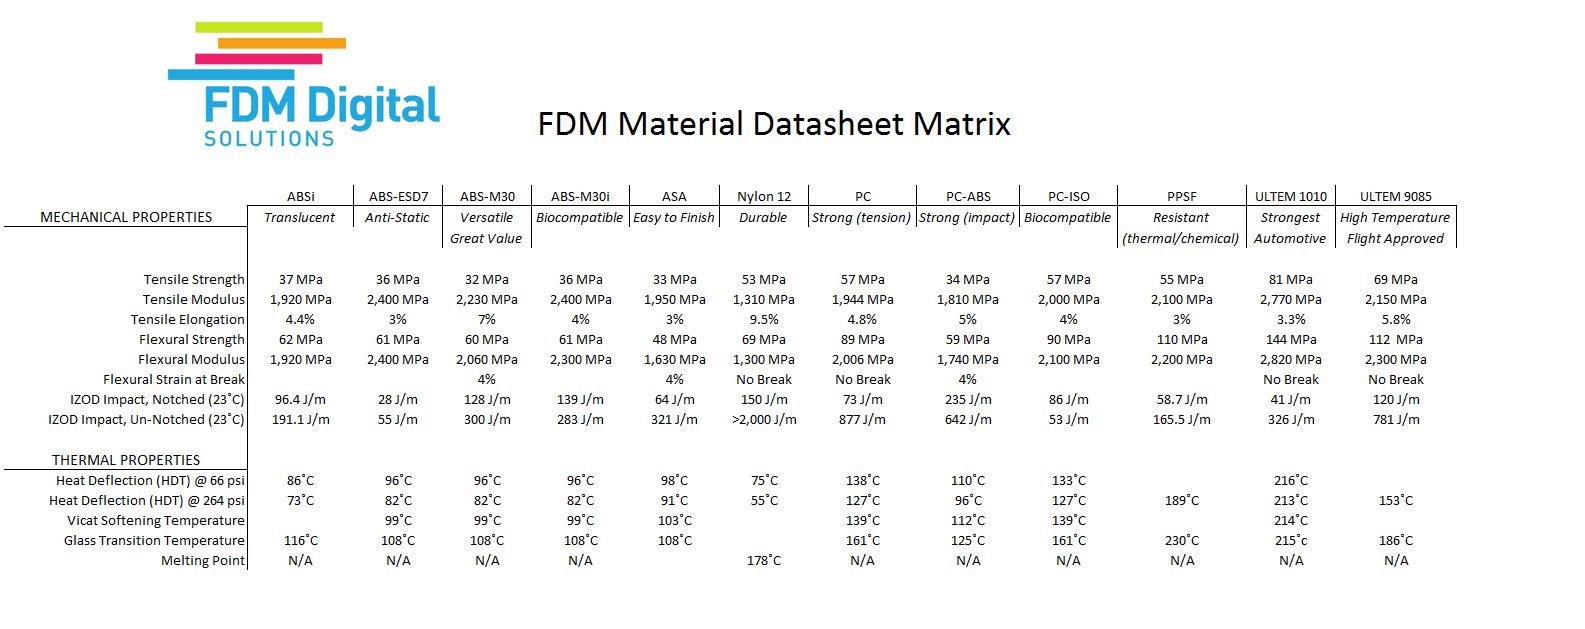 FDM Material Datasheet Matrix - Material Guide